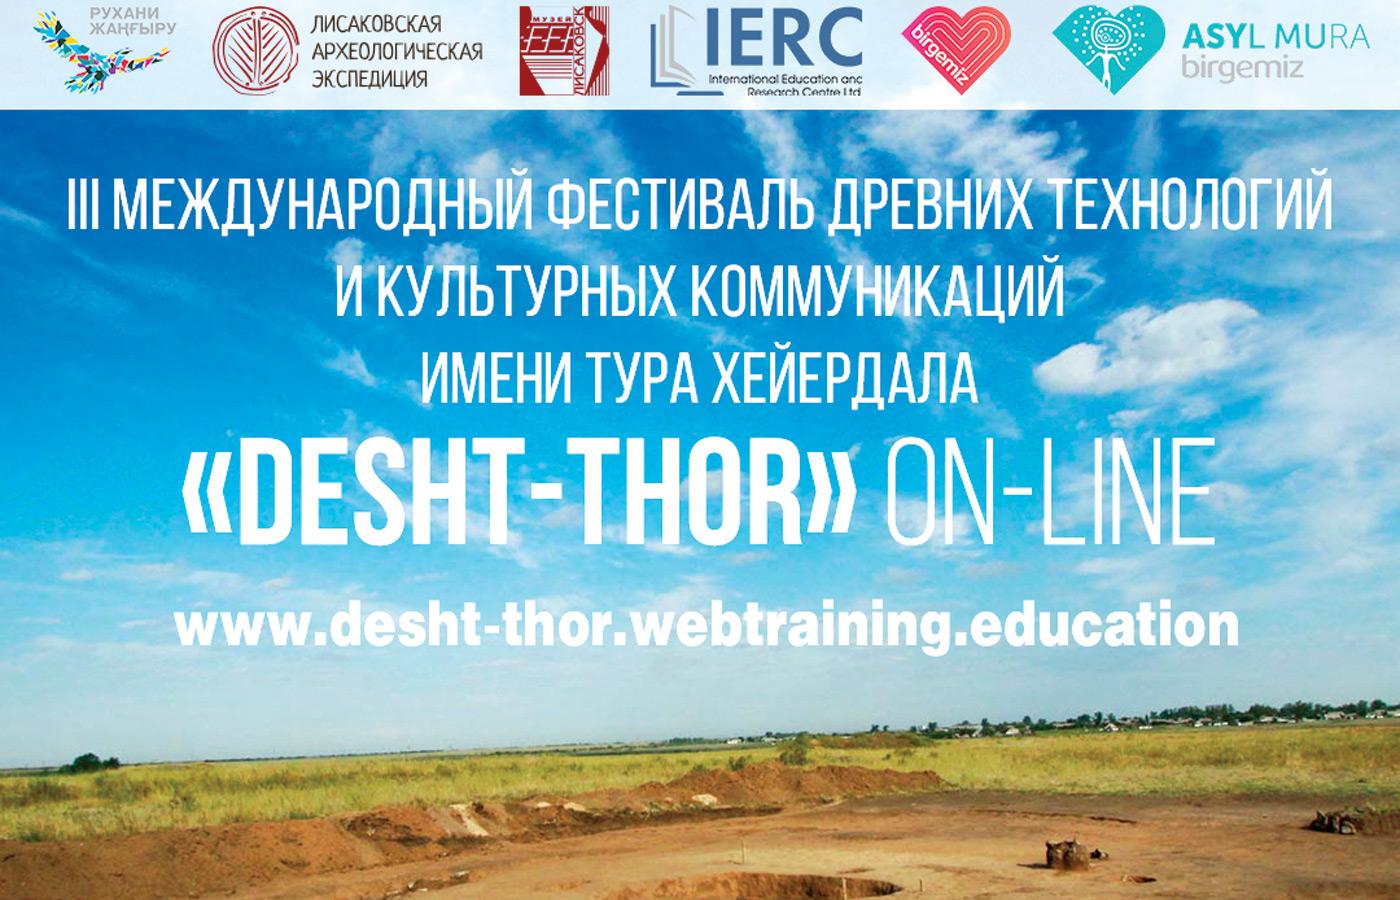 III Международный фестиваль древних технологий и культурных коммуникаций памяти Тура Хейердала «Desht-Thor»